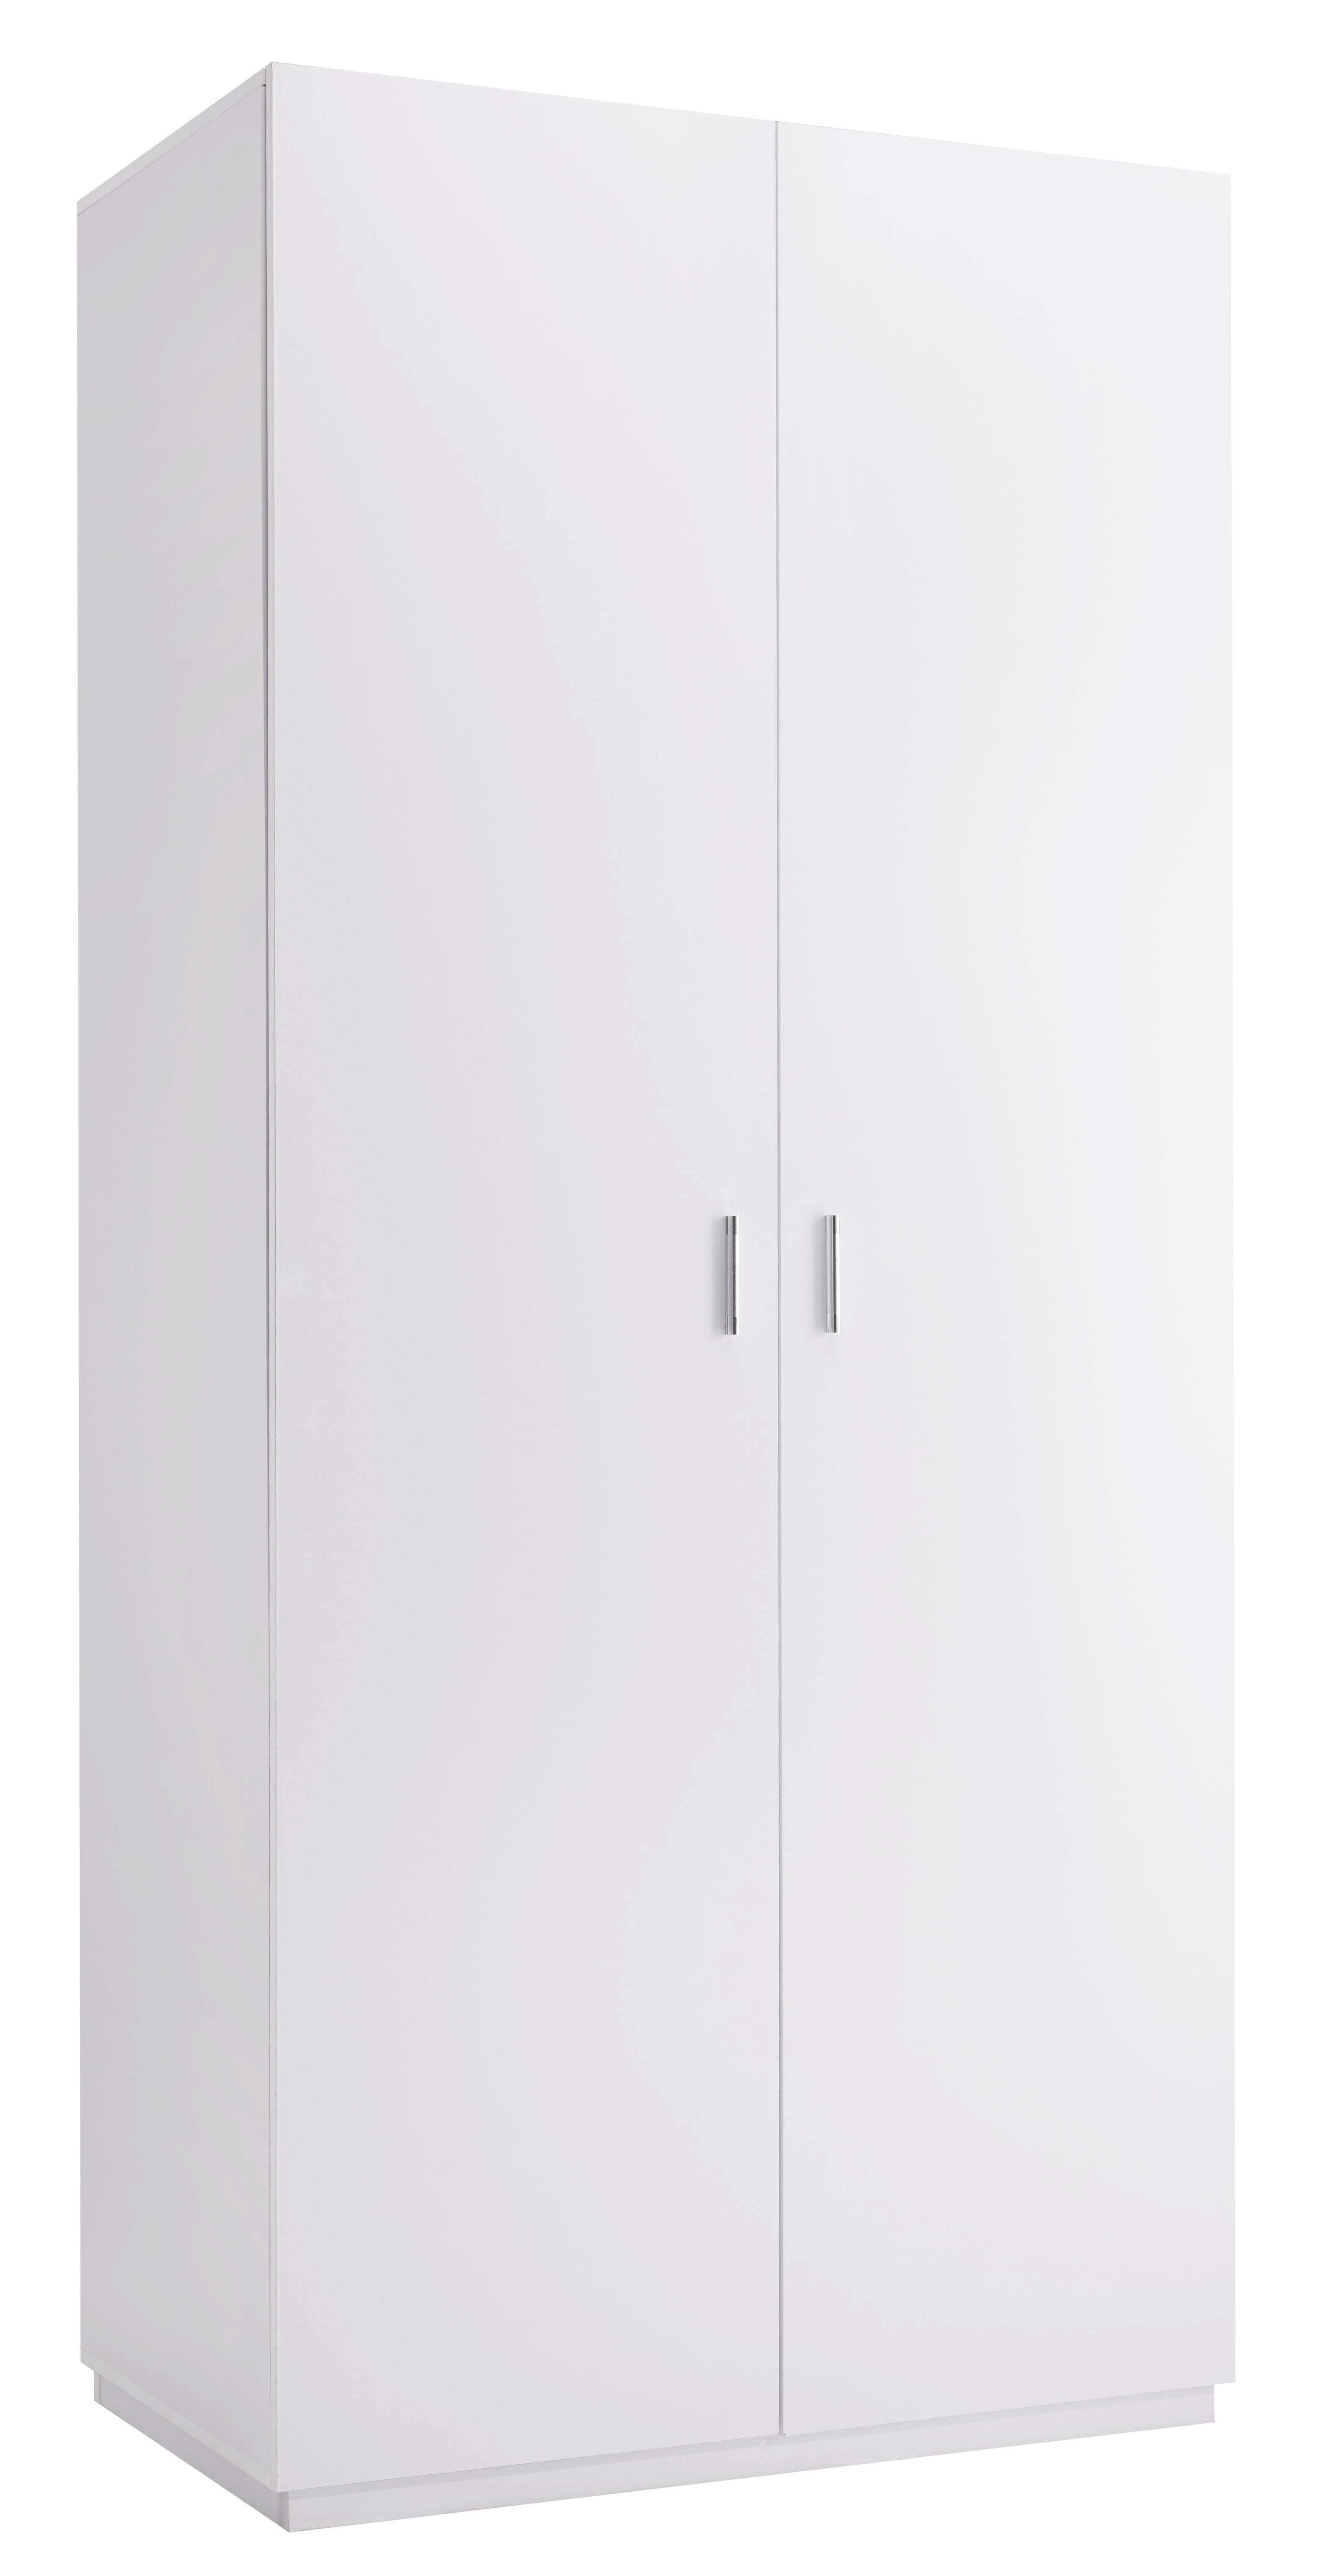 Kleiderschrank Basic - Weiß, MODERN, Holz (100/220/56cm) - MÖMAX modern living